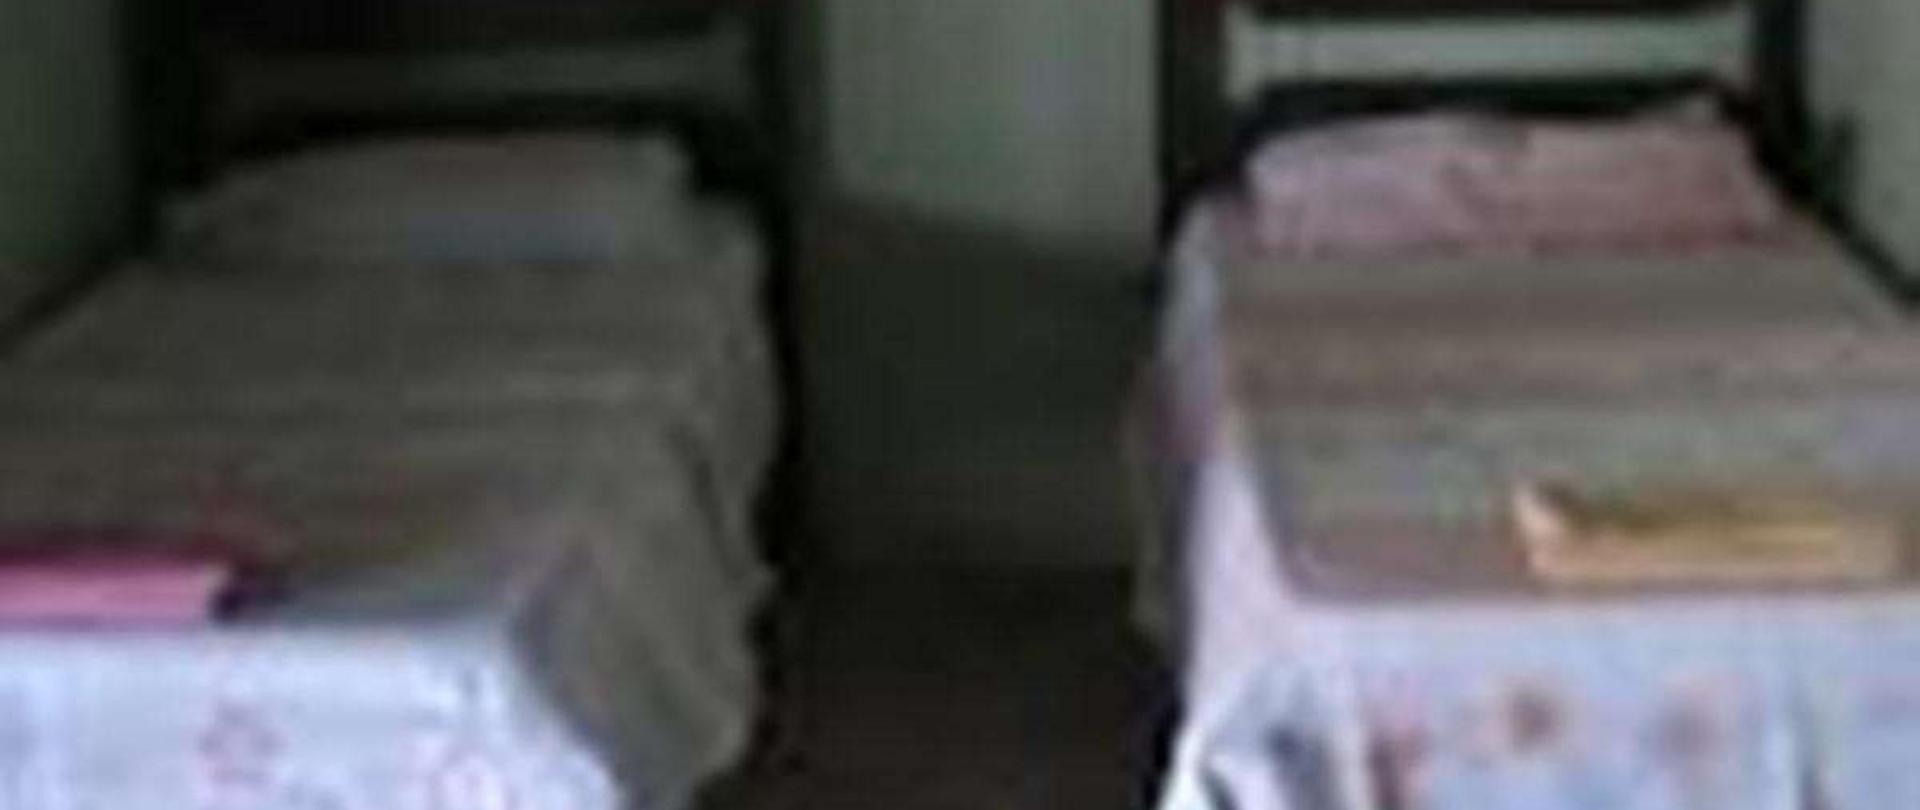 espa-o-das-camas-de-solteiro-no-quarto-qu-druplo.jpg